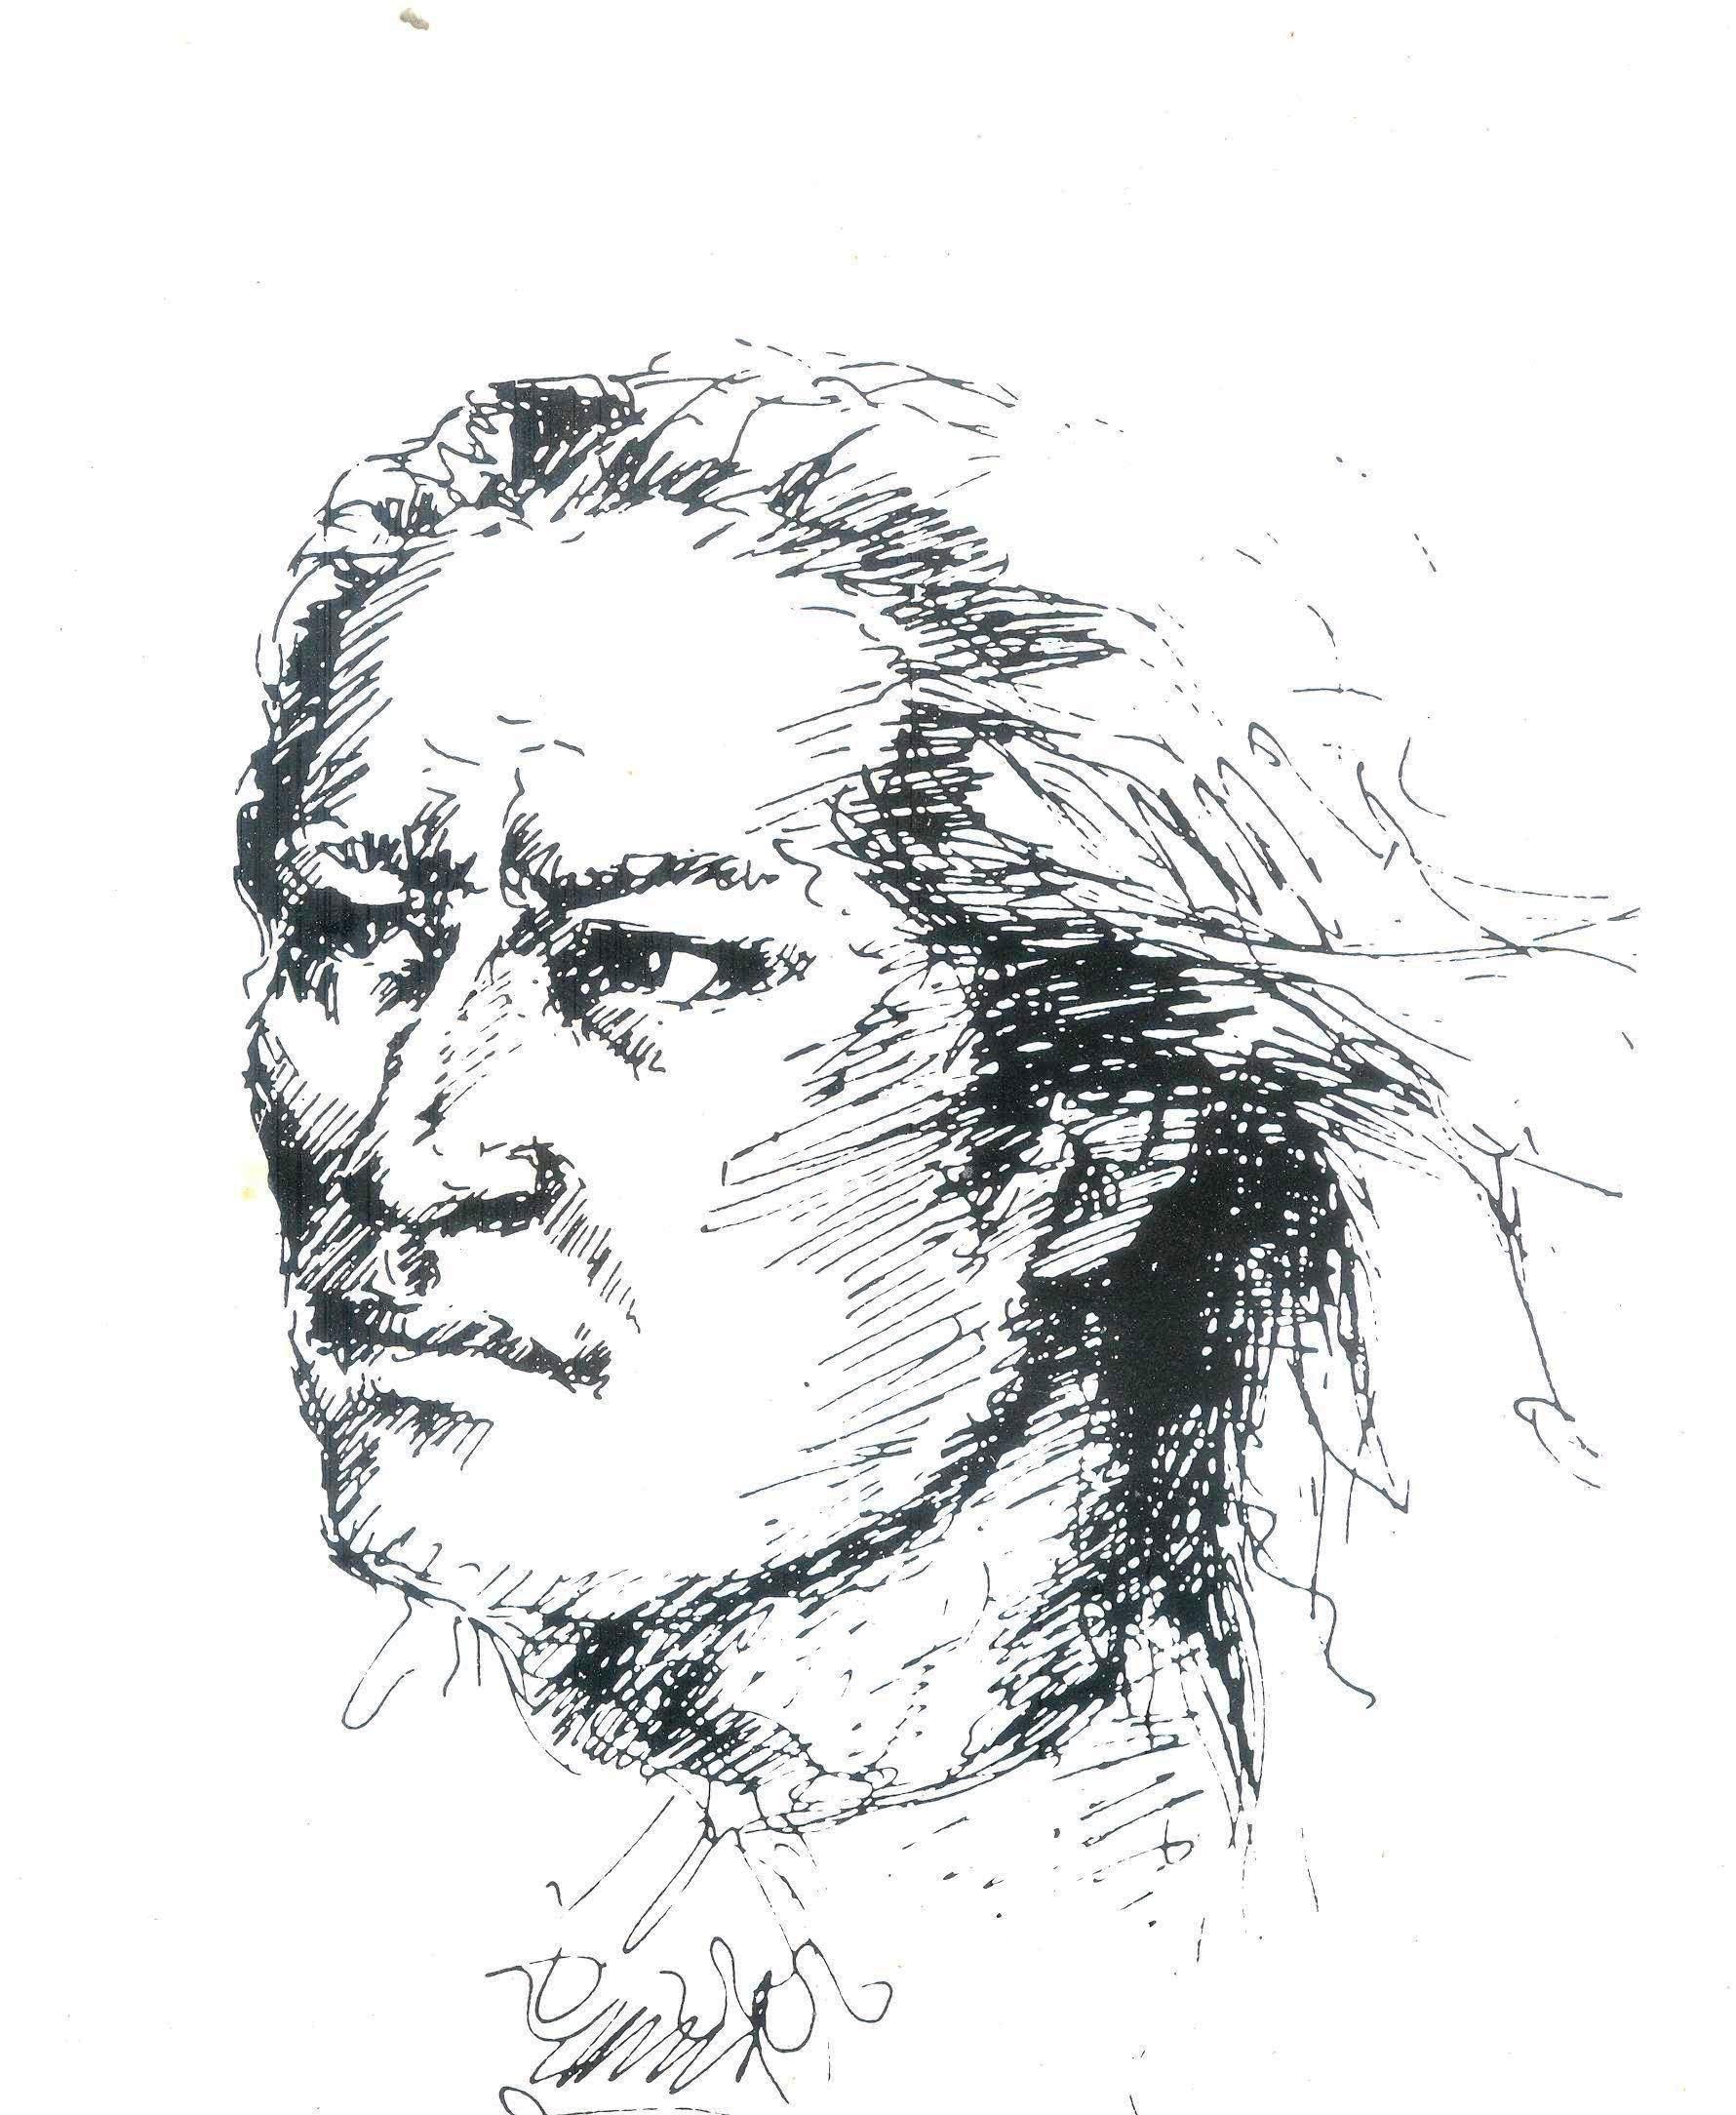 Presentarán poema sobre Túpac Amaru en marco de homenaje a la patria ...